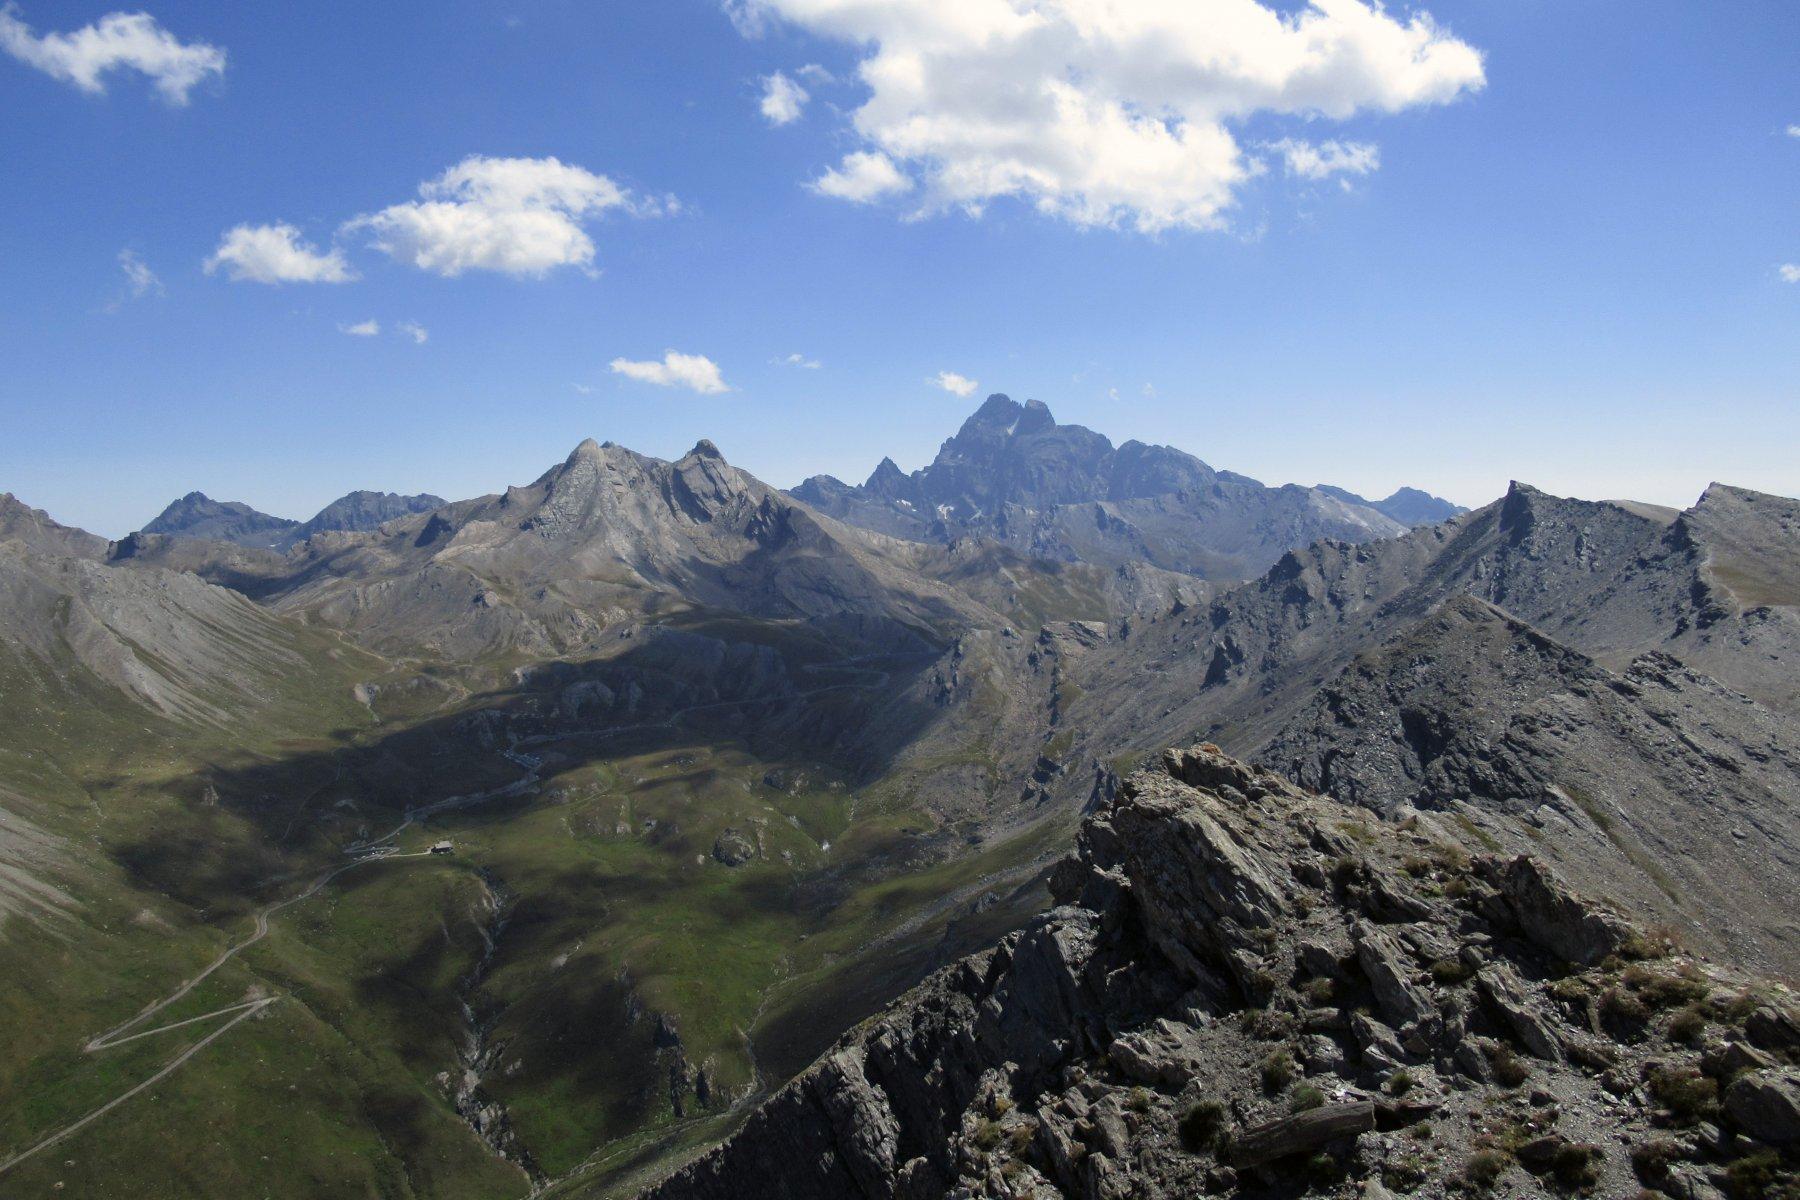 Dalla vetta panorama verso colle dell'Agnello e Monviso